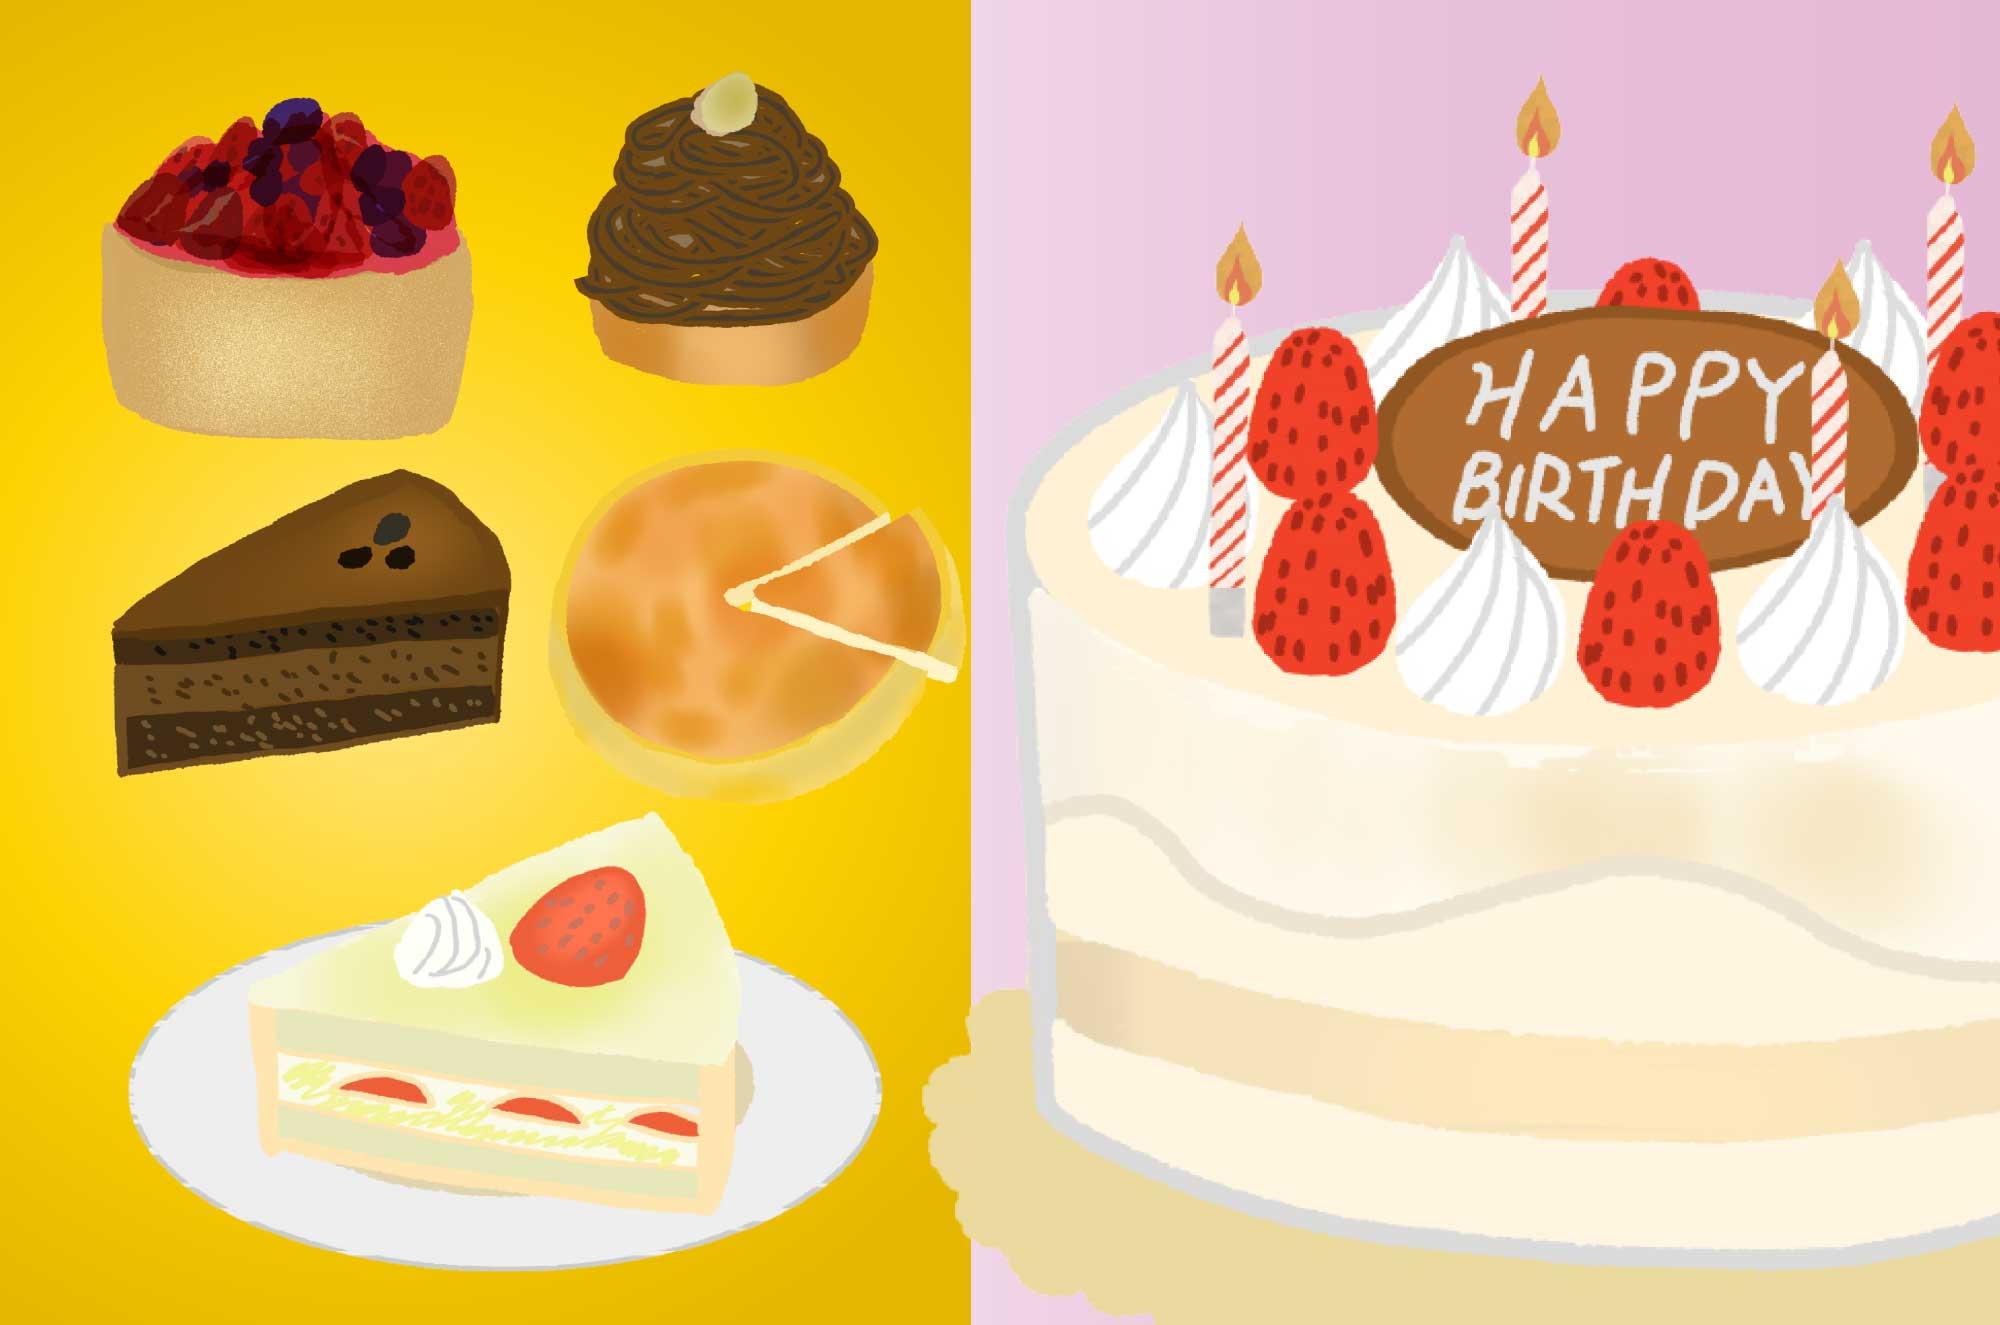 可愛いケーキのイラスト - 誕生日・いちごのショート